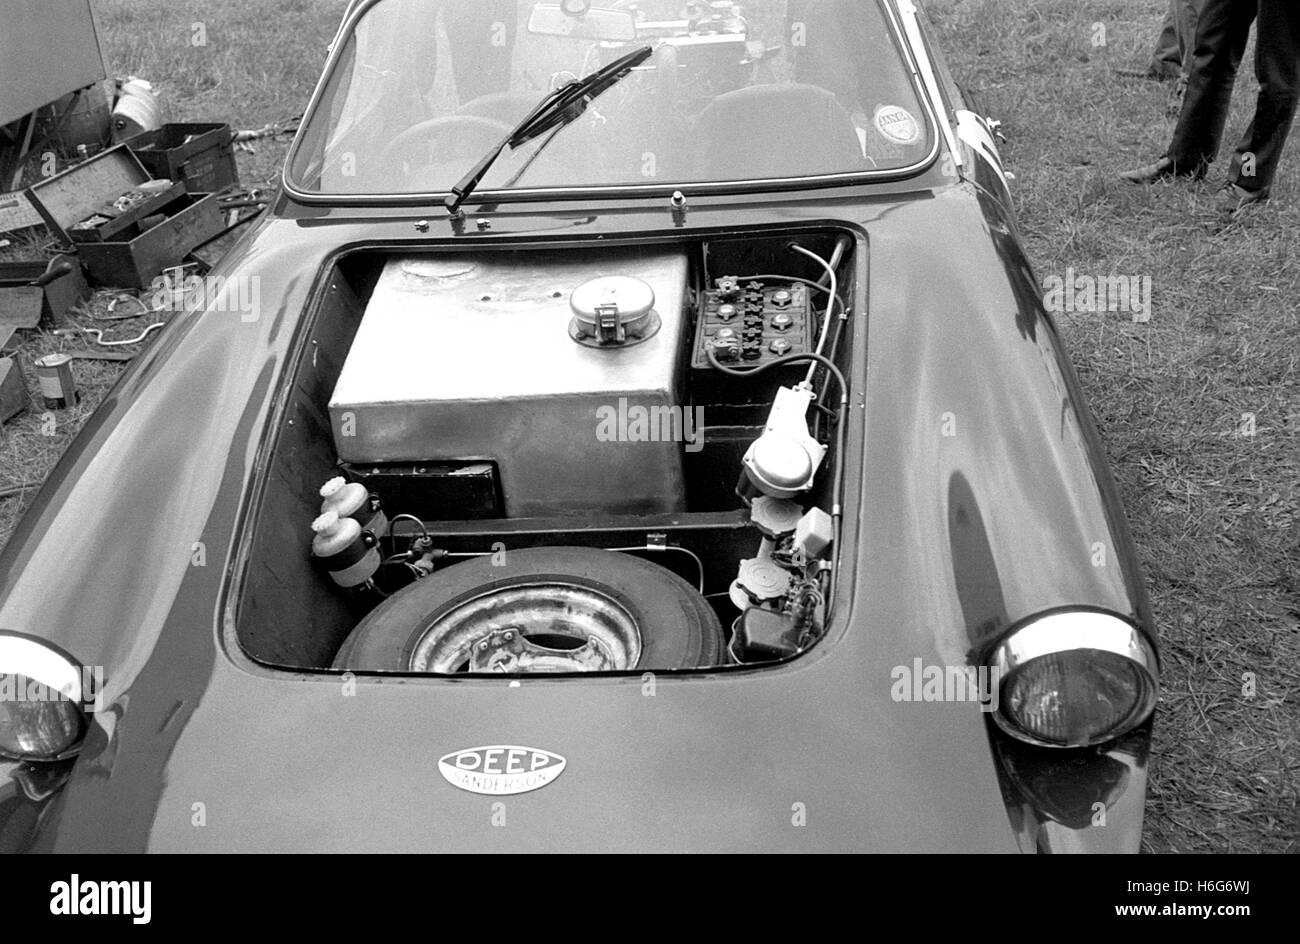 Fuel Tank Stock Photos & Fuel Tank Stock Images - Alamy